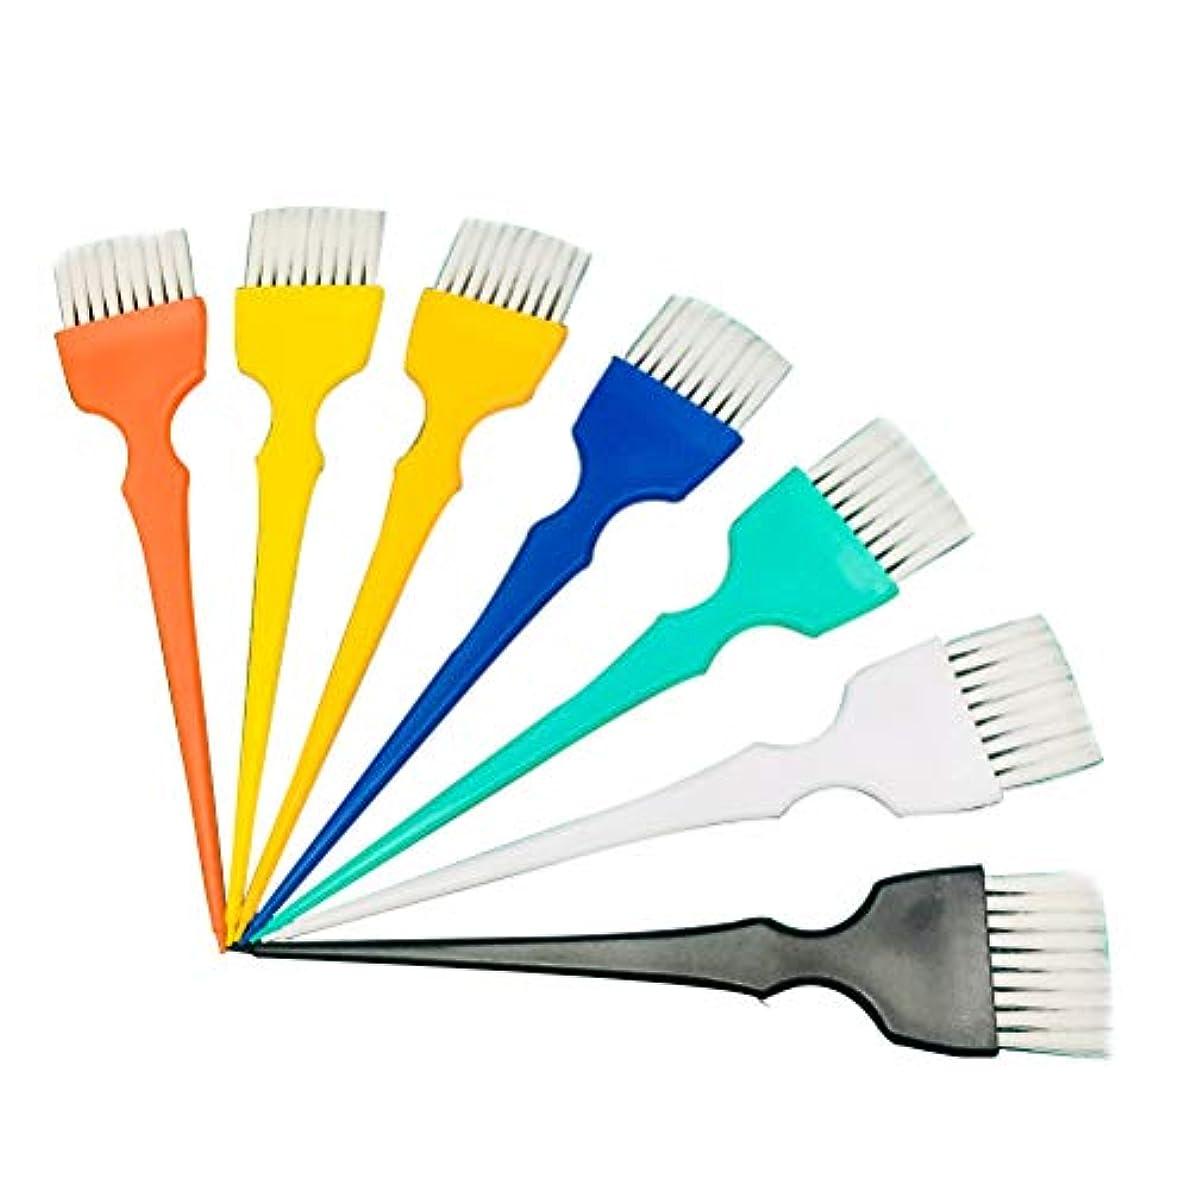 構造スキル取るFrcolor ヘアダイブラシ ヘアカラーブラシ ヘアダイコーム 白髪染め 家庭用 美容師プロ用 プラスチック製 7本セット(ランダムカラー)